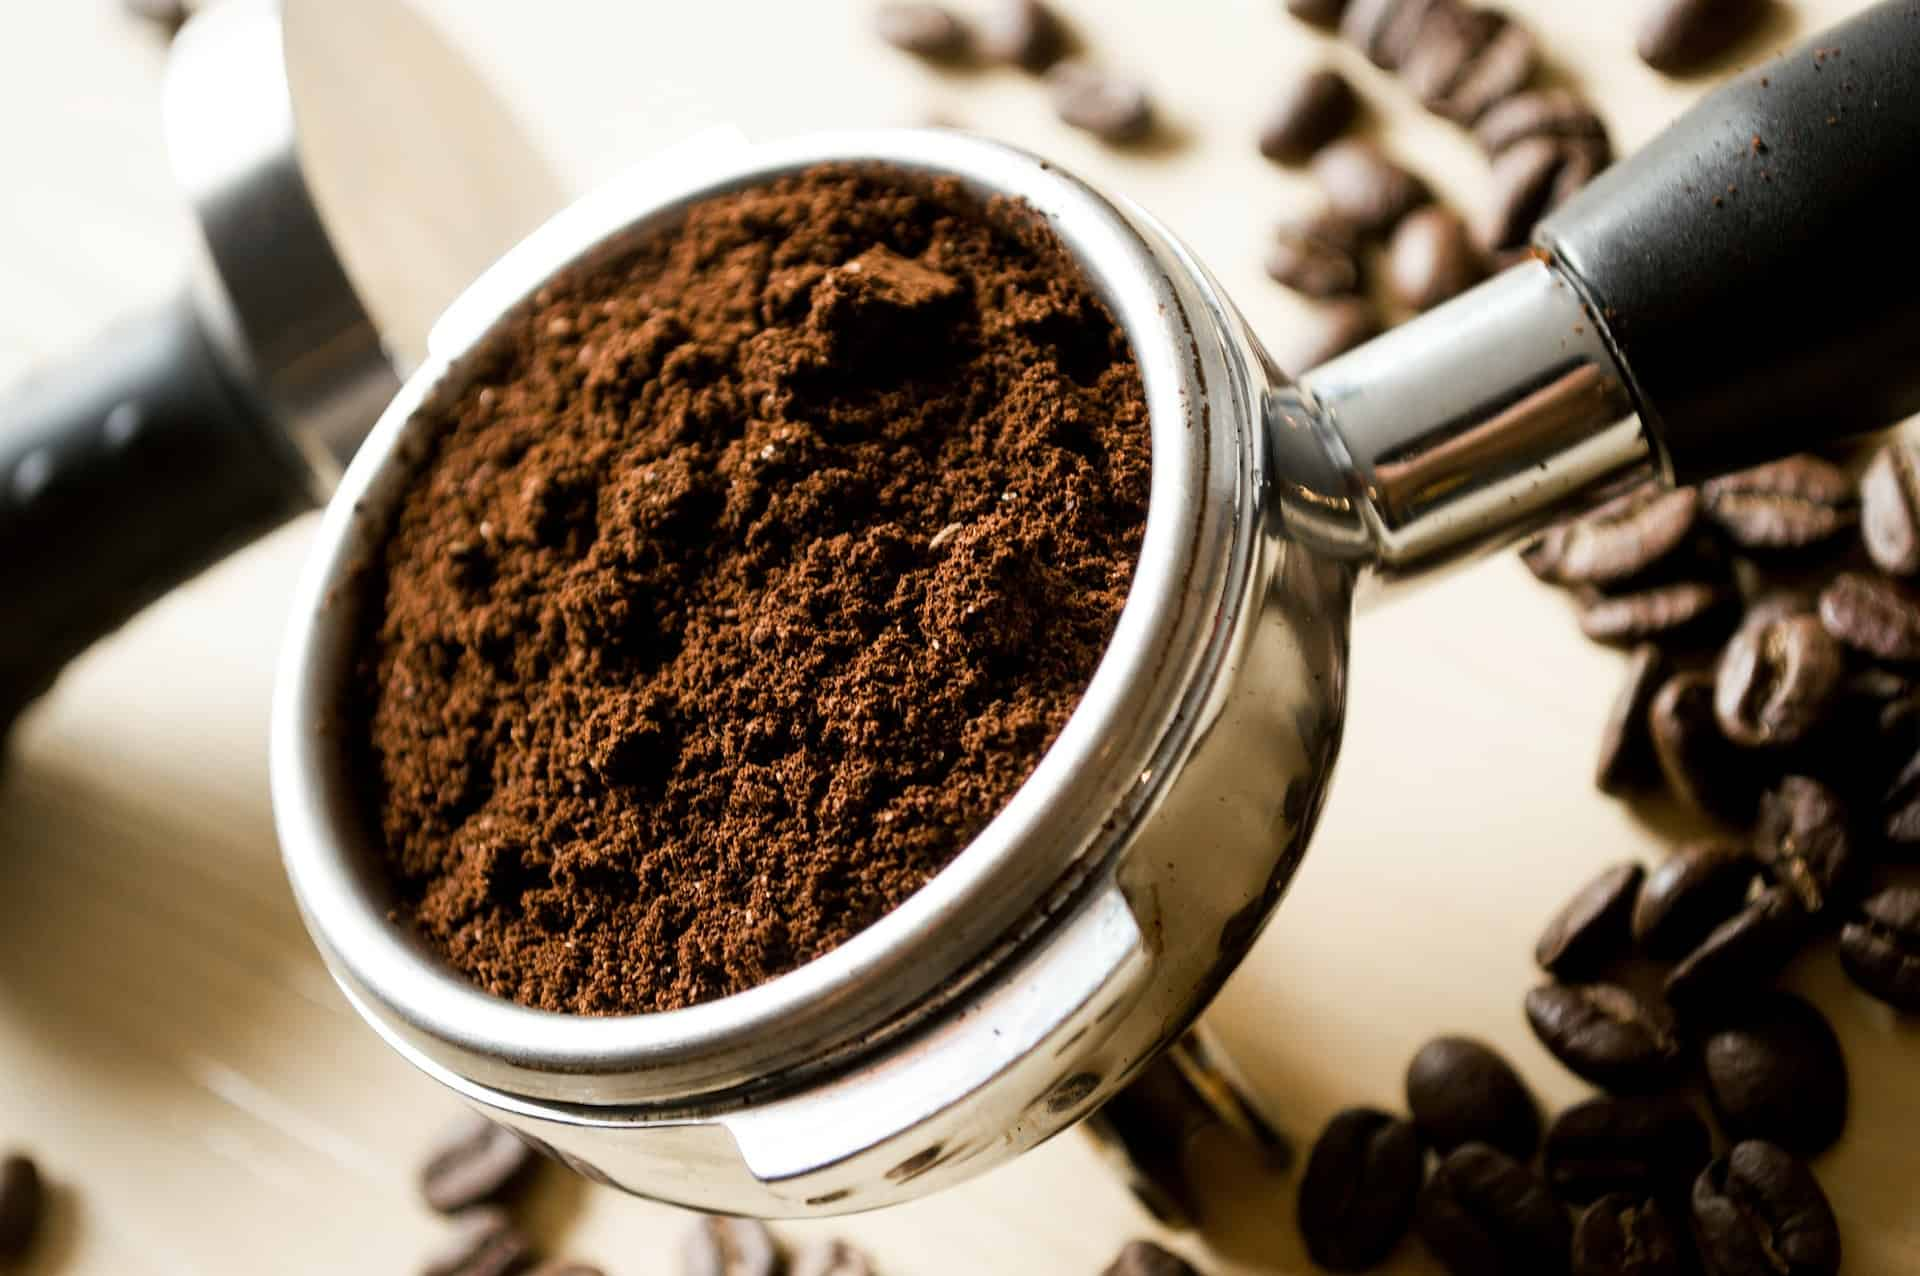 Elektrische Kaffeemühle: Test & Empfehlungen (05/20)